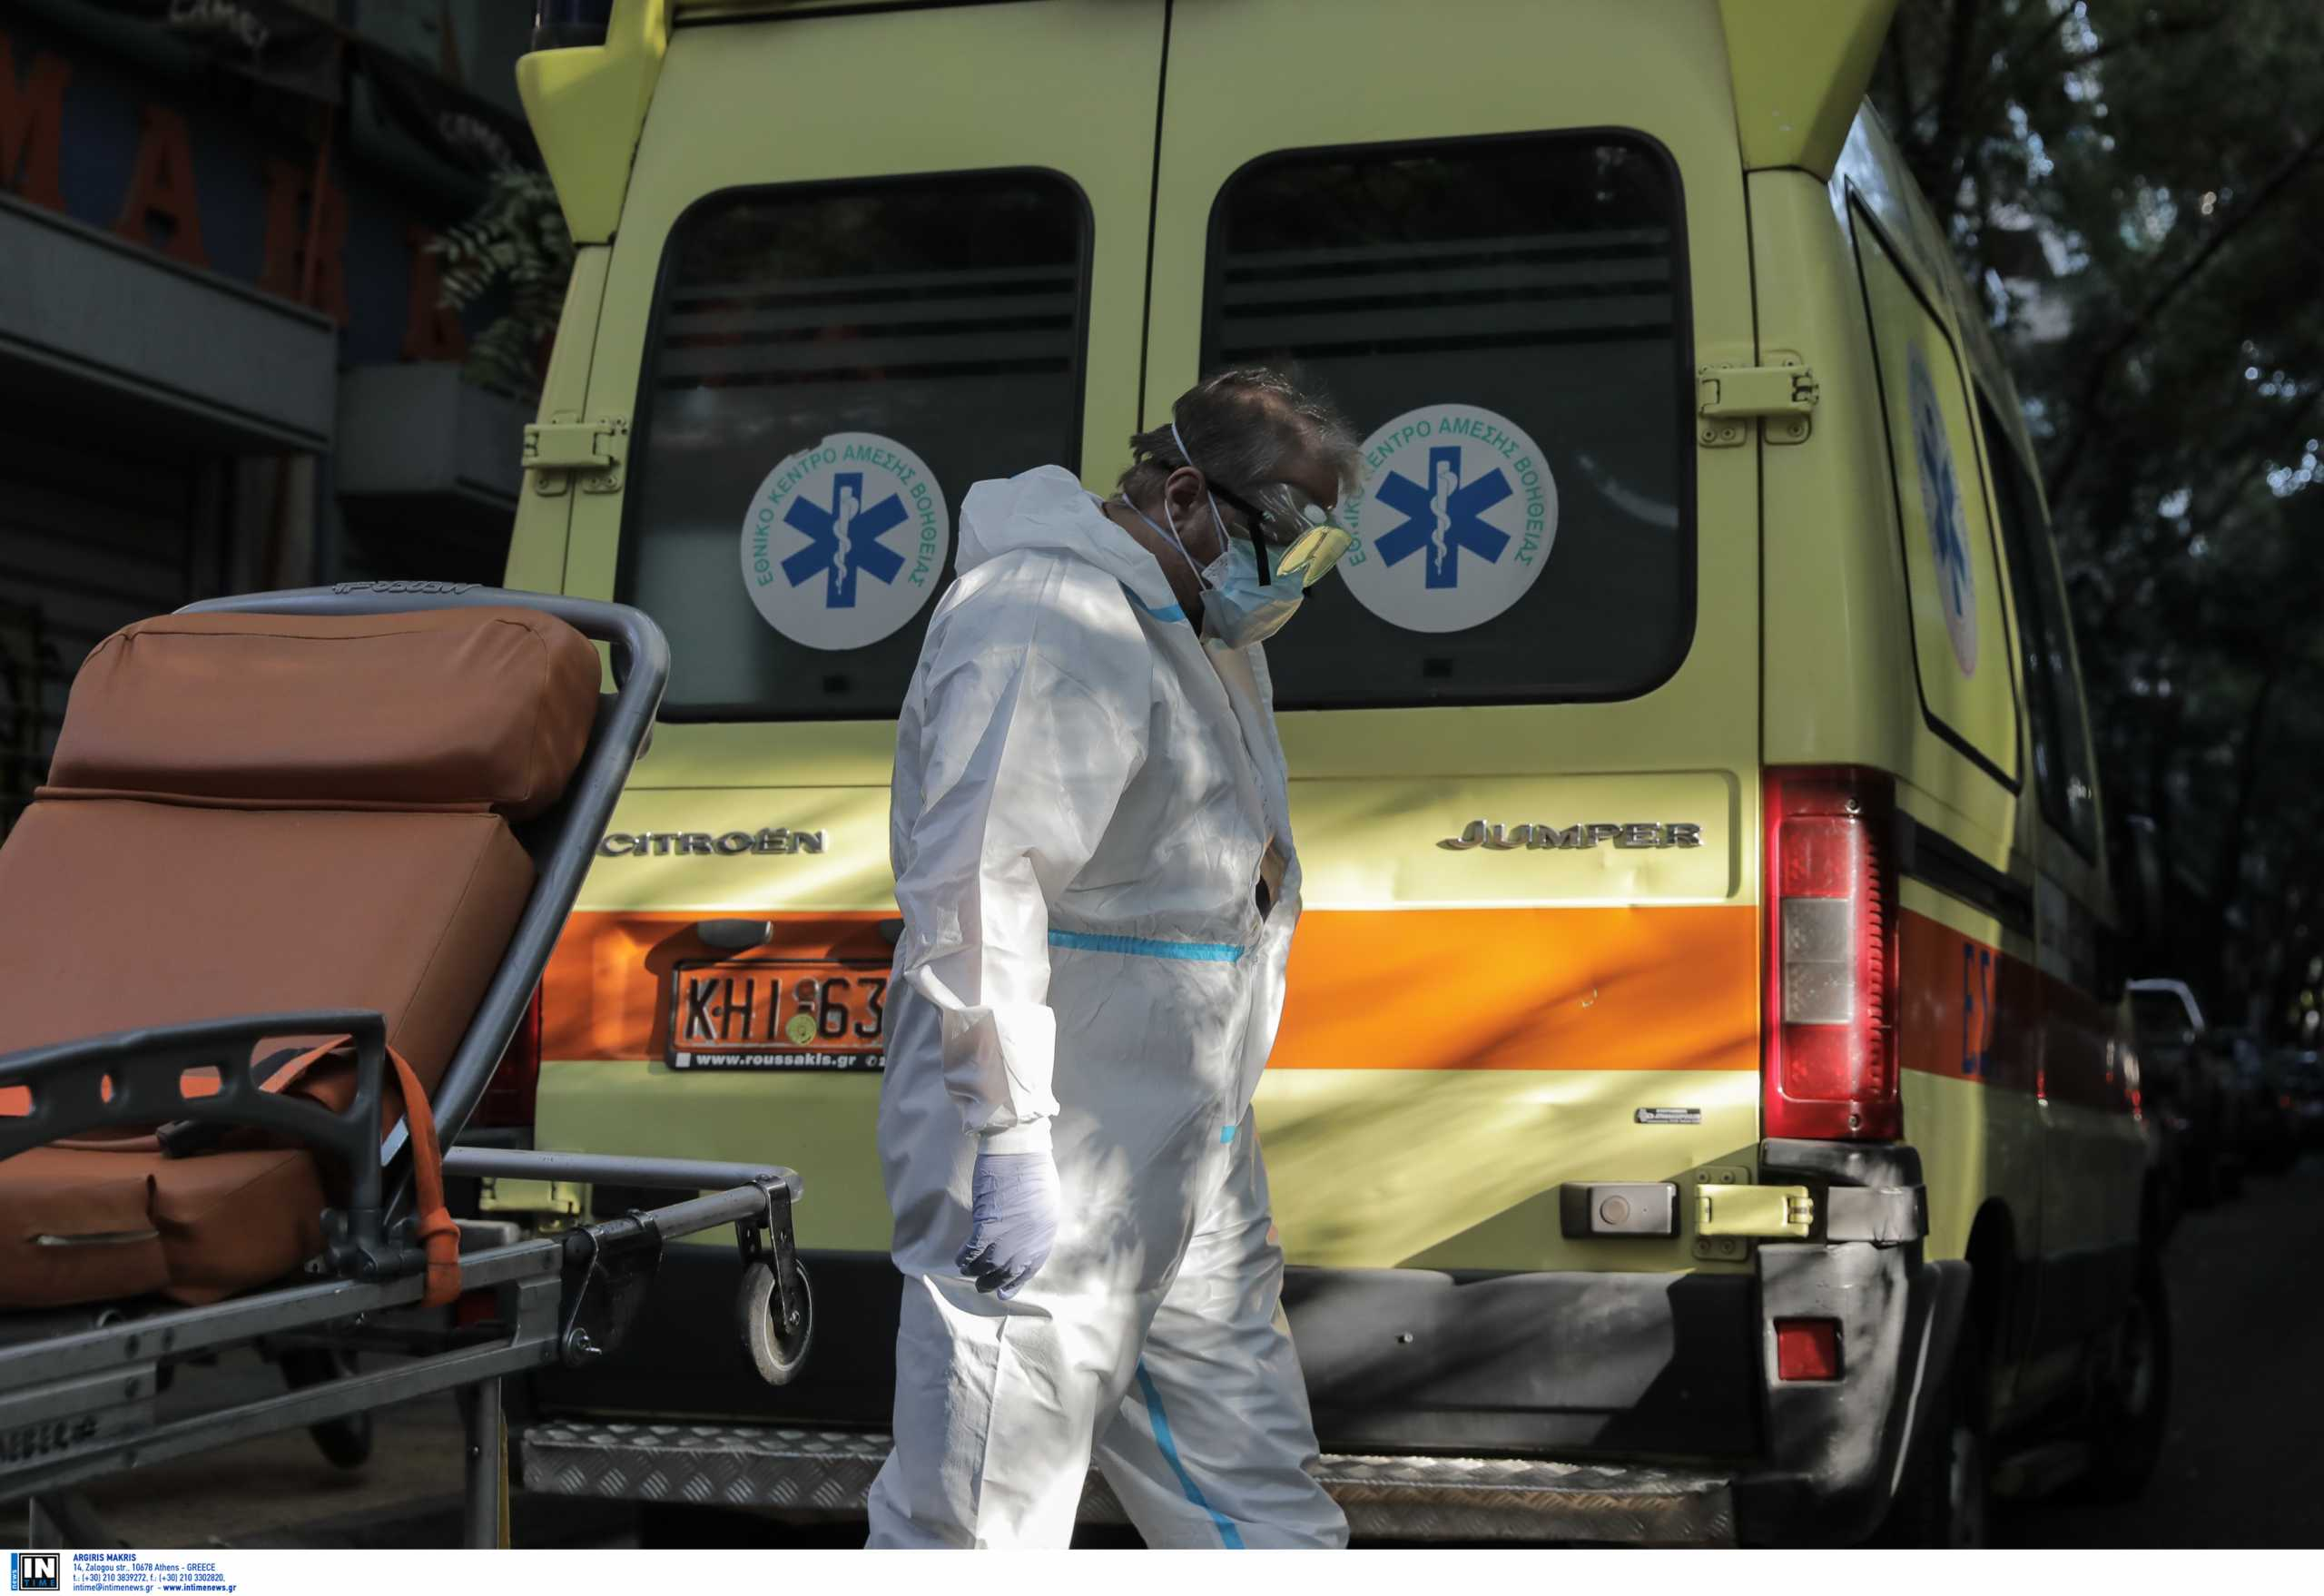 Πληροφορίες για τουλάχιστον 19 κρούσματα κορονοϊού σε κέντρο αποκατάστασης της Θεσσαλονίκης